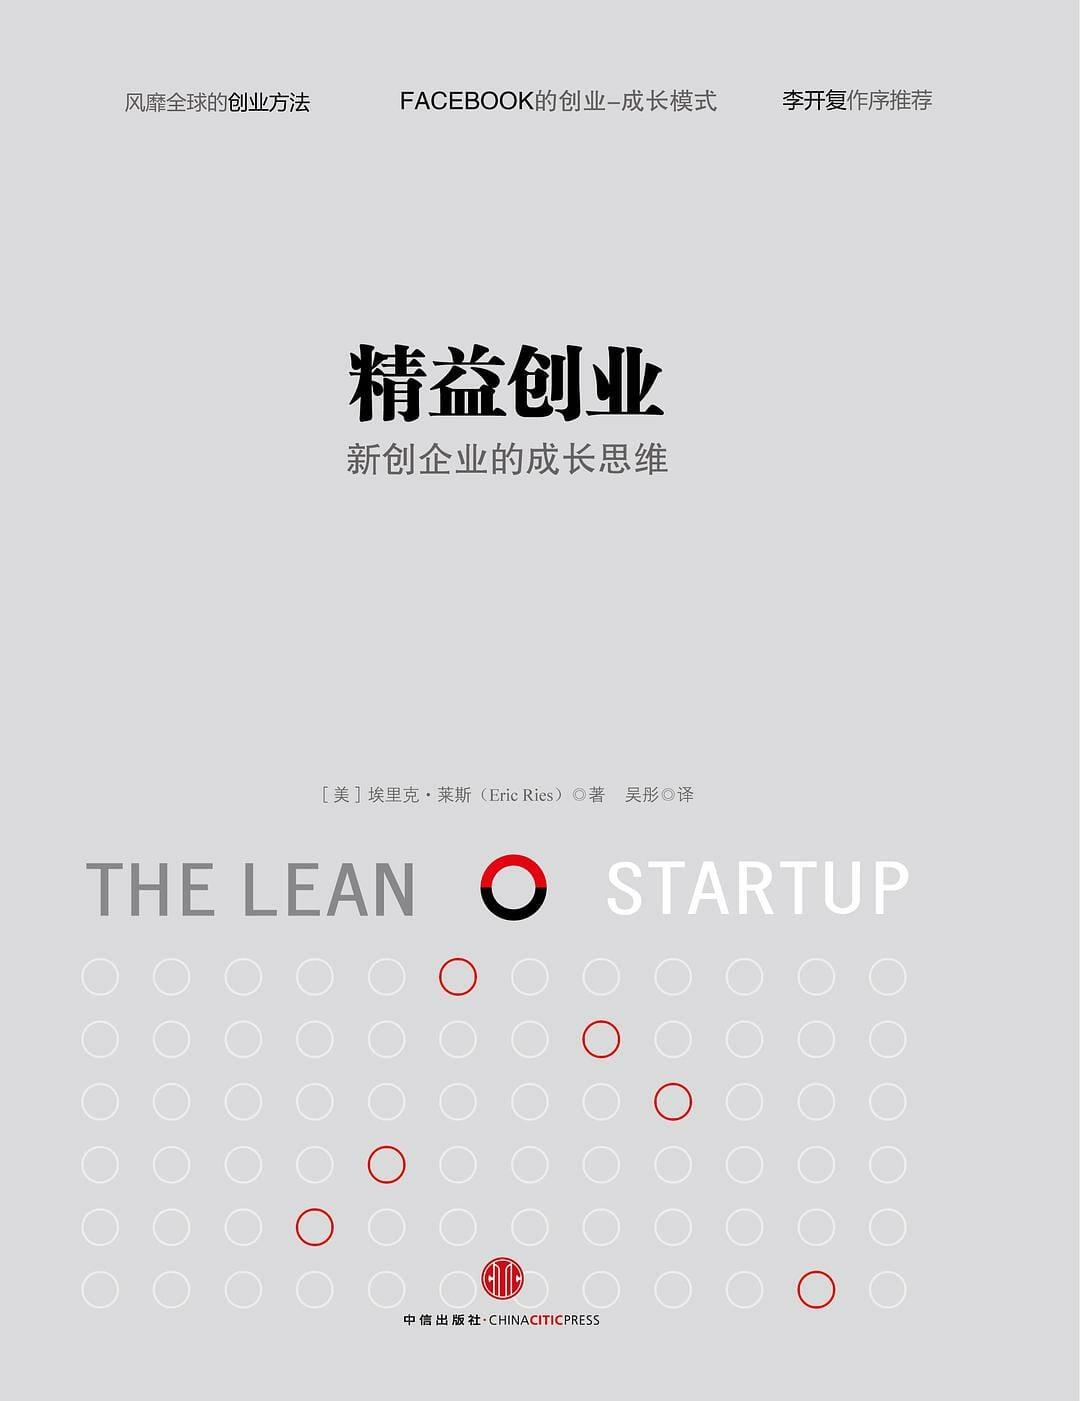 《精益创业:新创企业的成长思维》摘要与心得